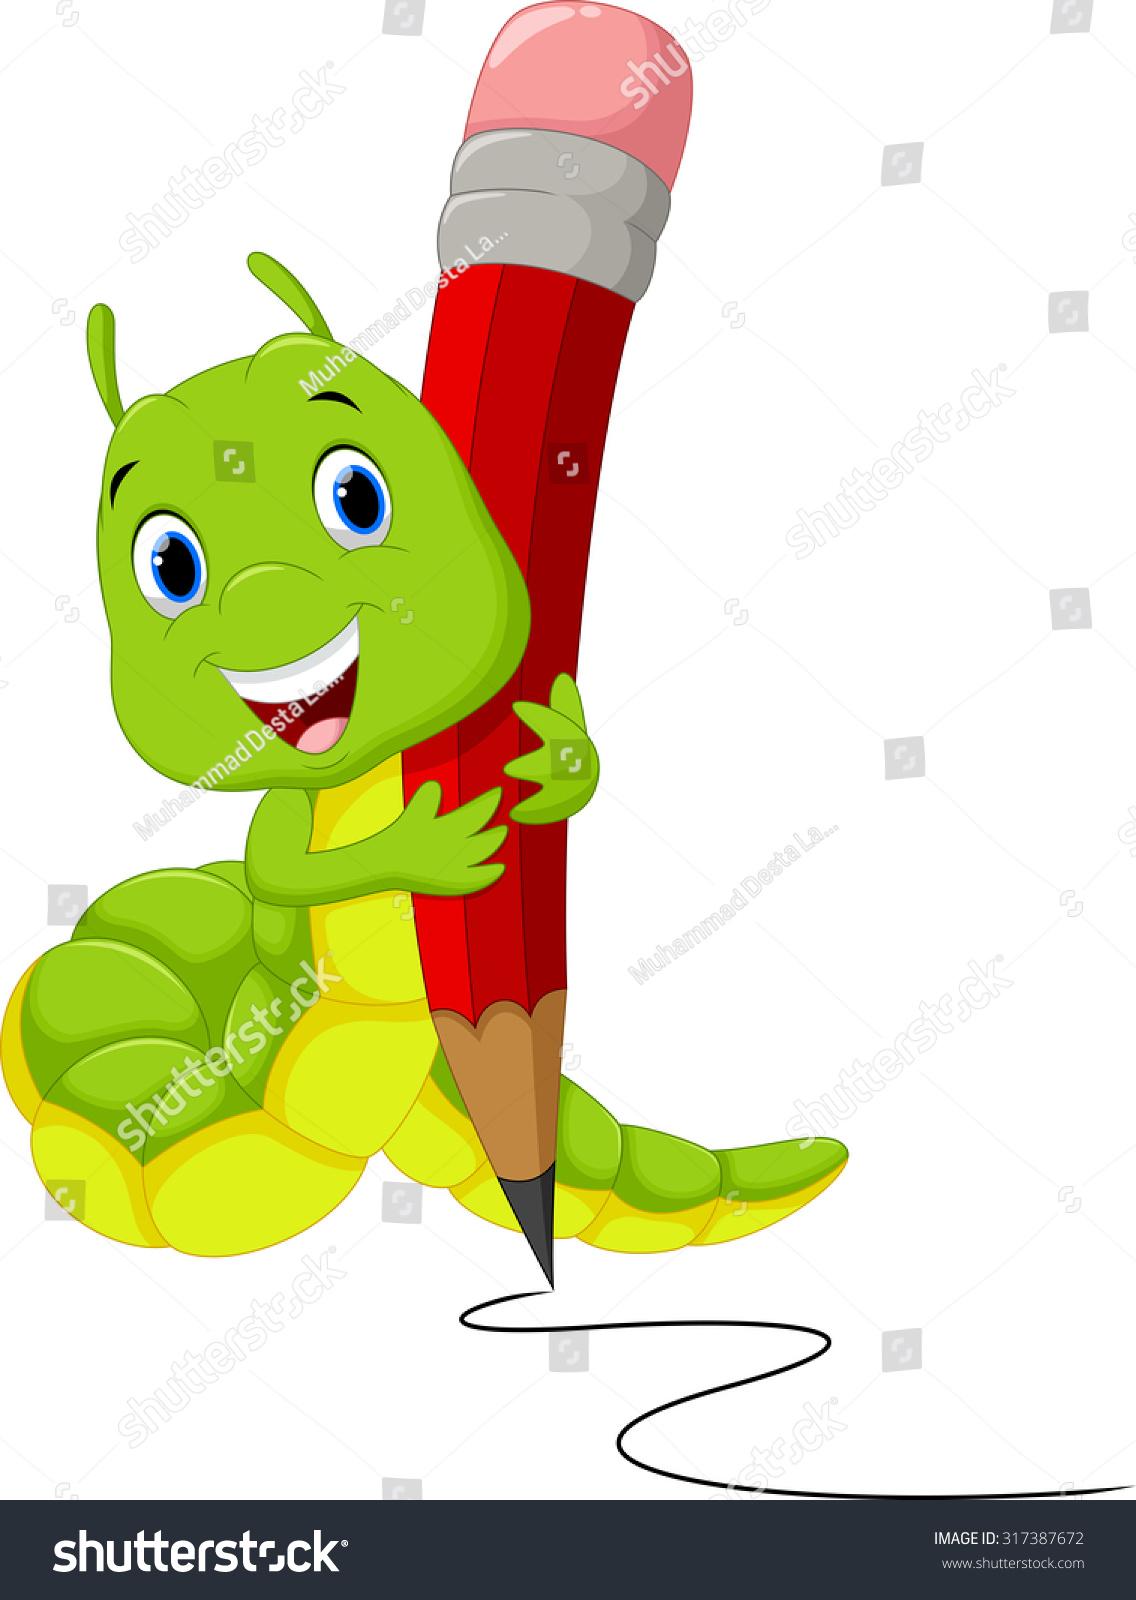 Cute Caterpillar Cartoon Writing Stock Vector 317387672 - Shutterstock for Clipart Cute Caterpillar  56mzq